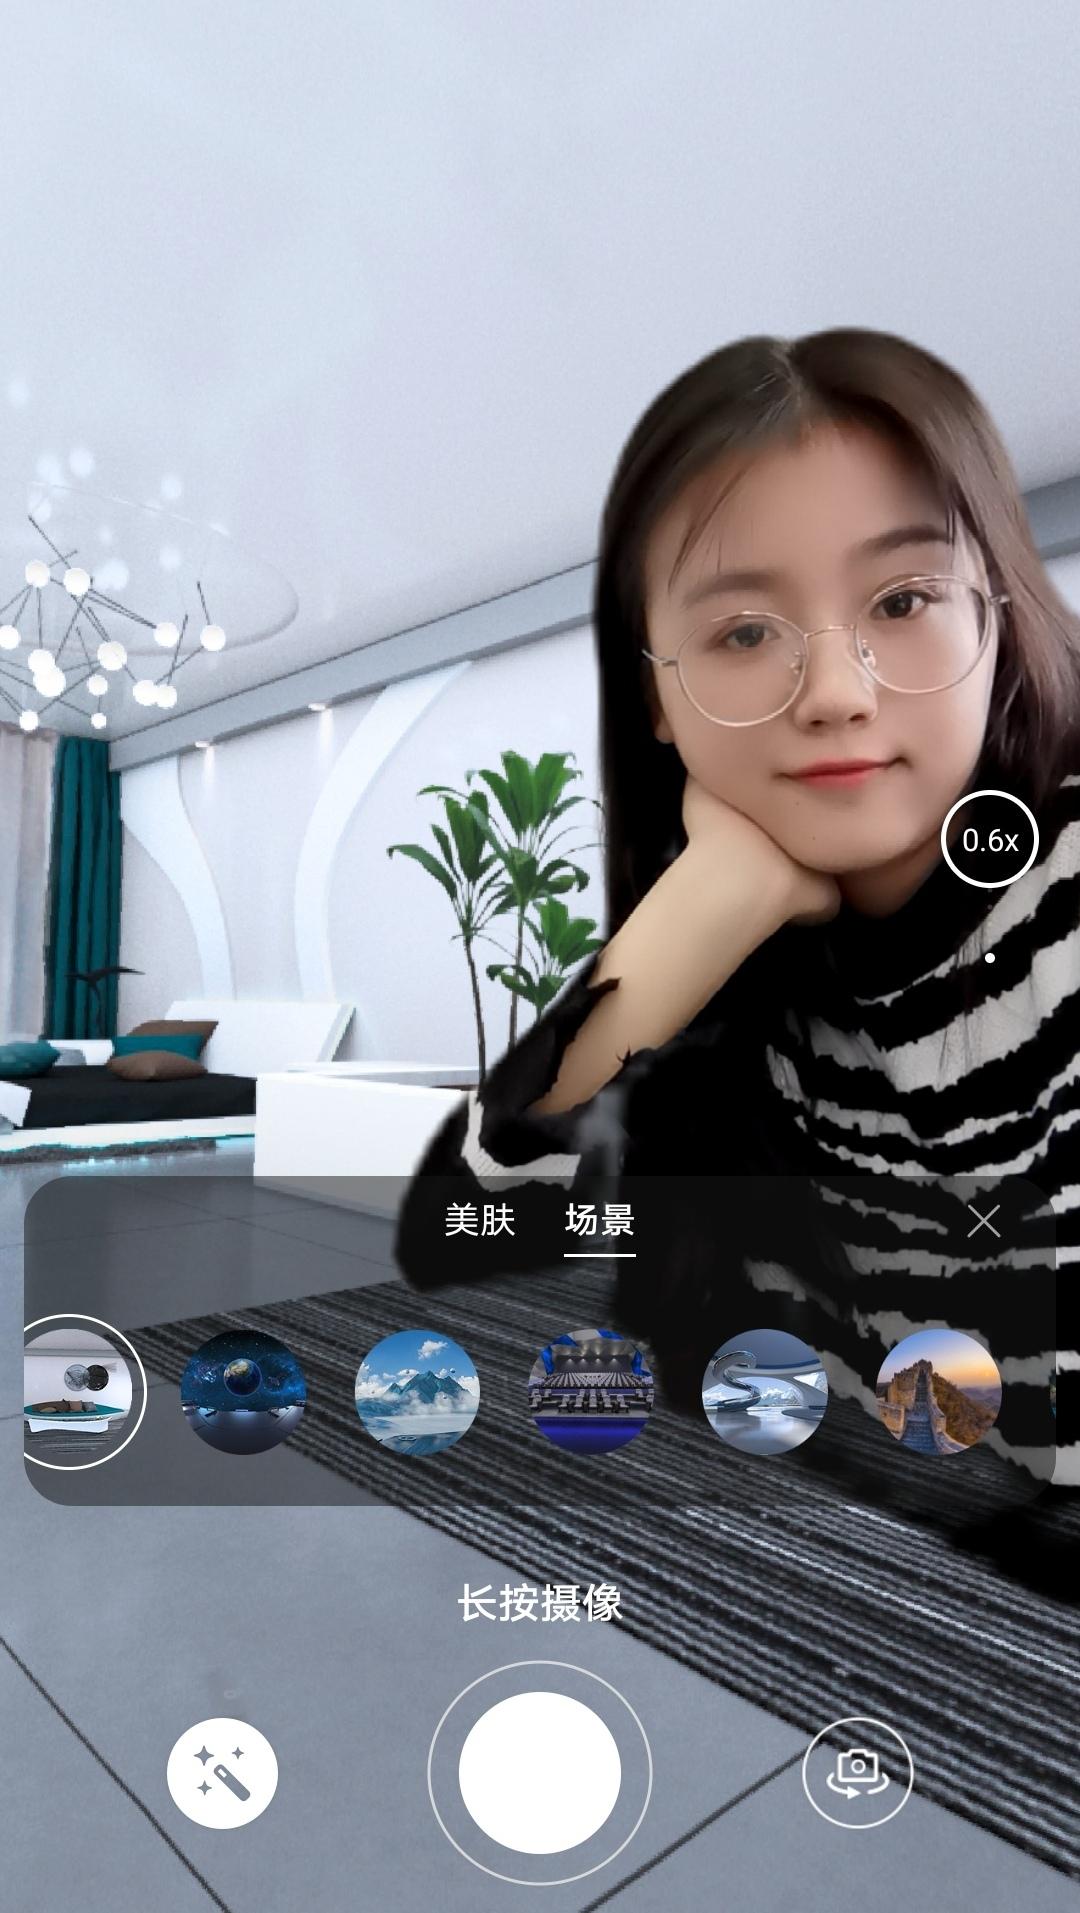 Screenshot_20210412_102854_com.huawei.meetime_edit_537826346150745.jpg